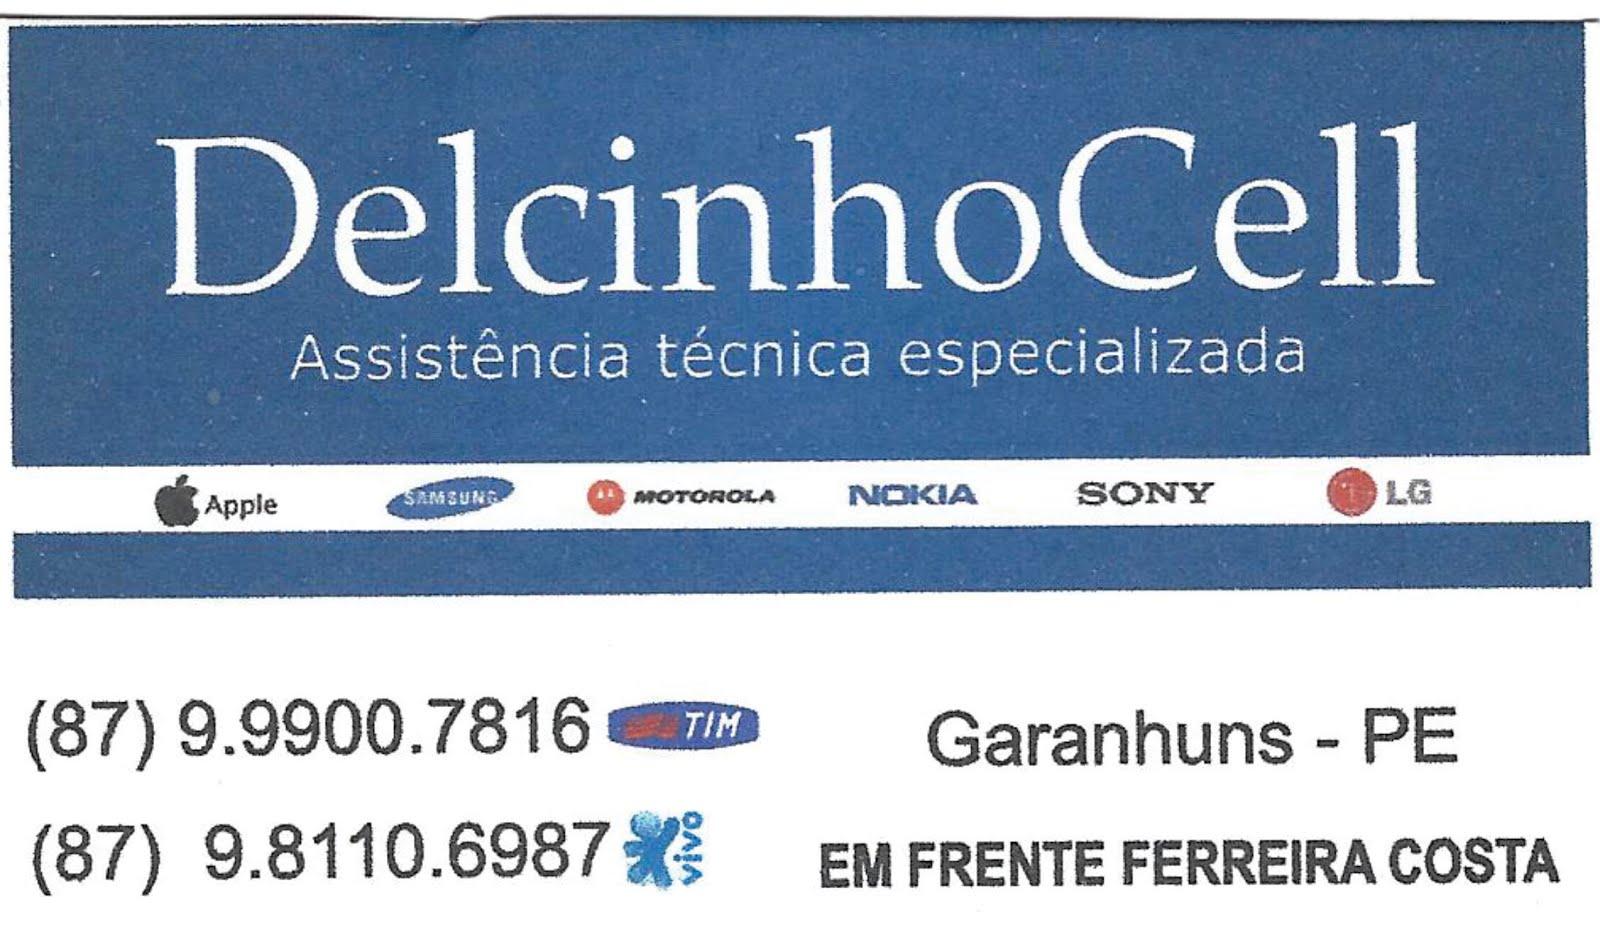 DELCINHO CELULAR